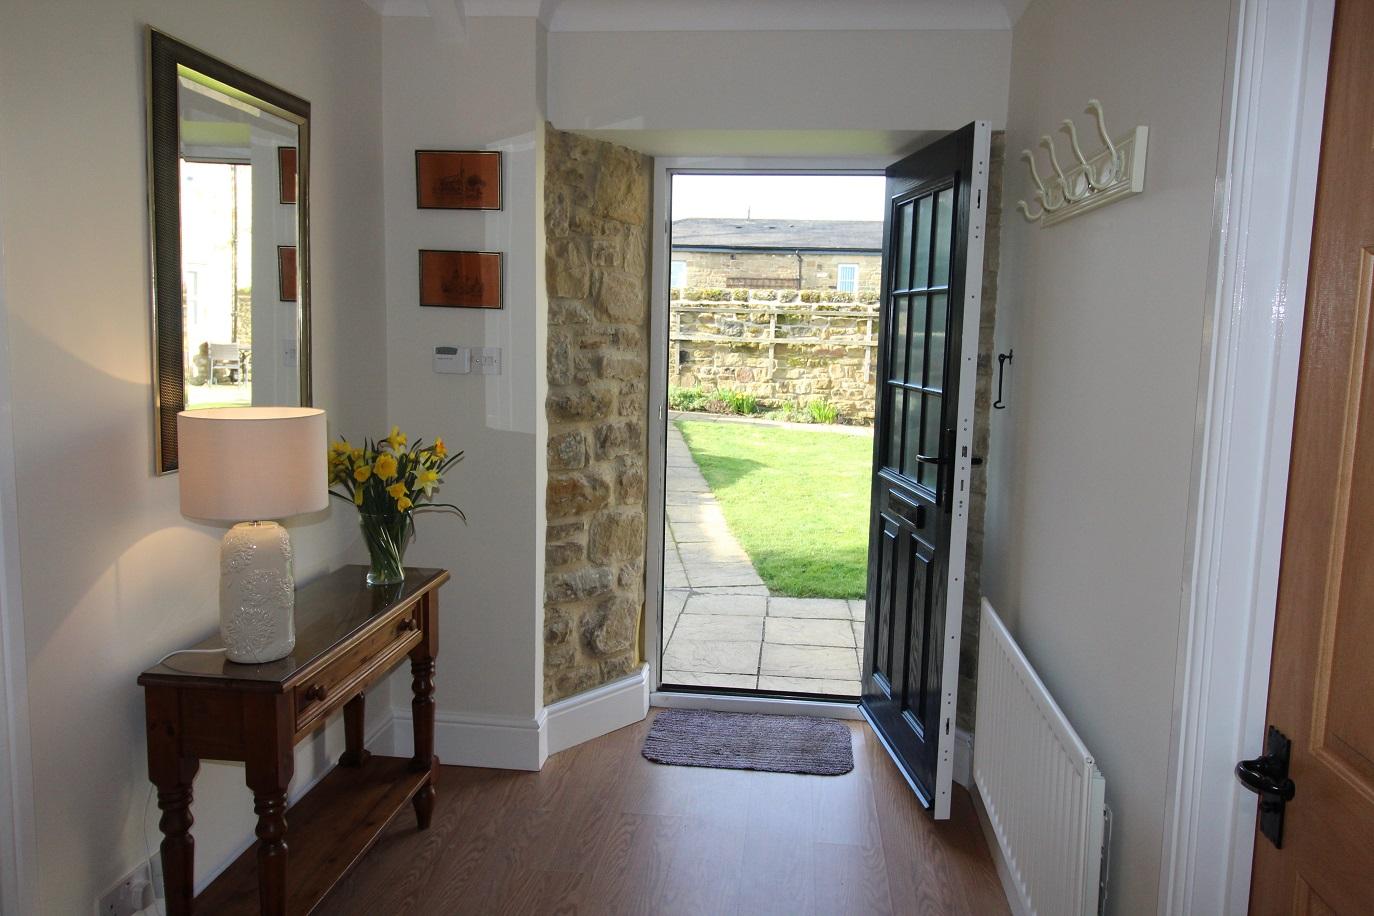 Buttermilk Hallway